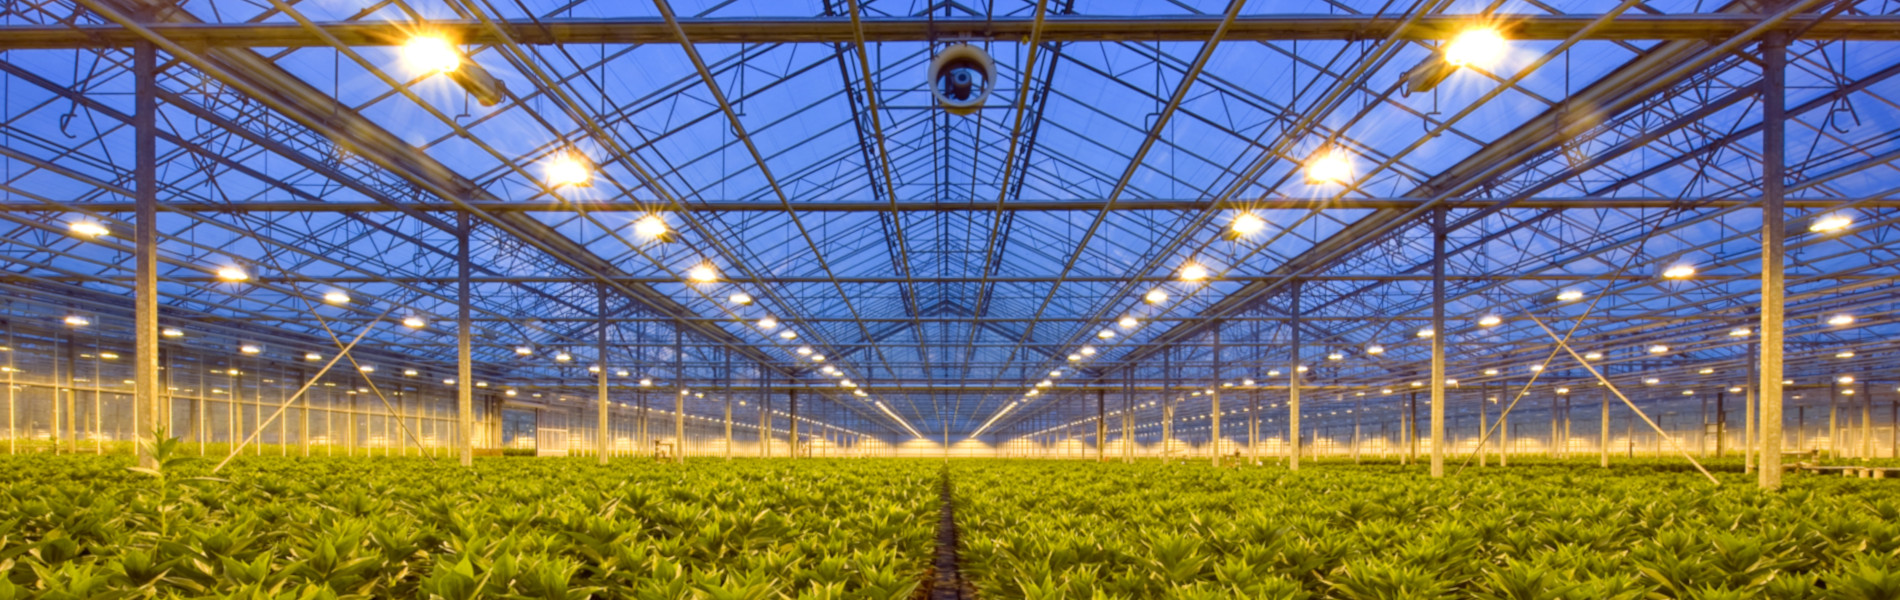 header-tuinbouw4